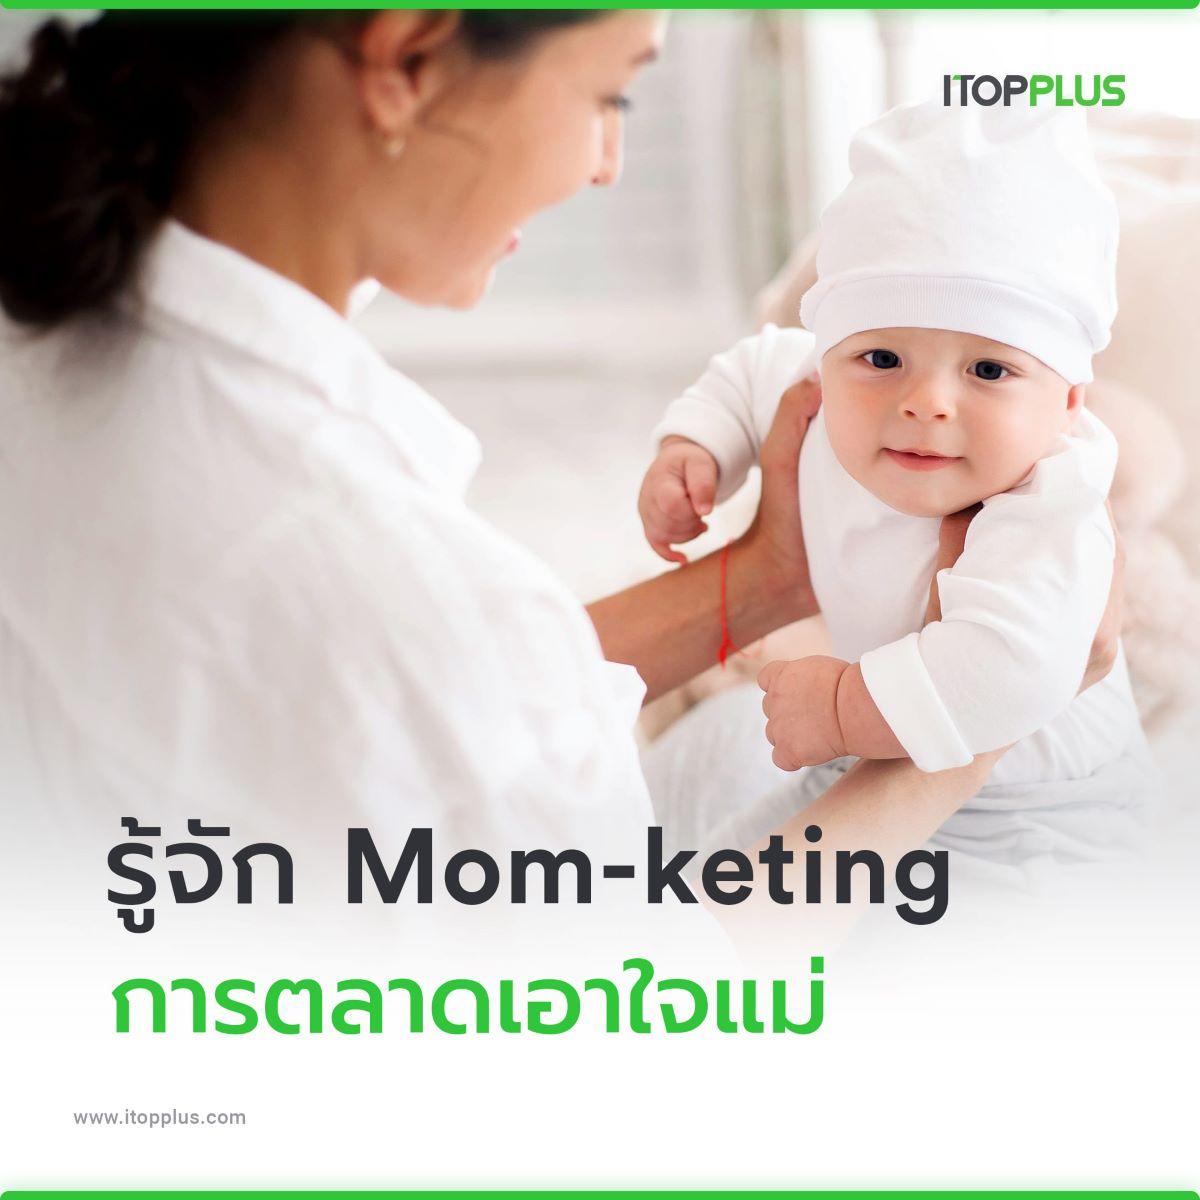 รู้จัก Mom-Keting การตลาดเอาใจแม่